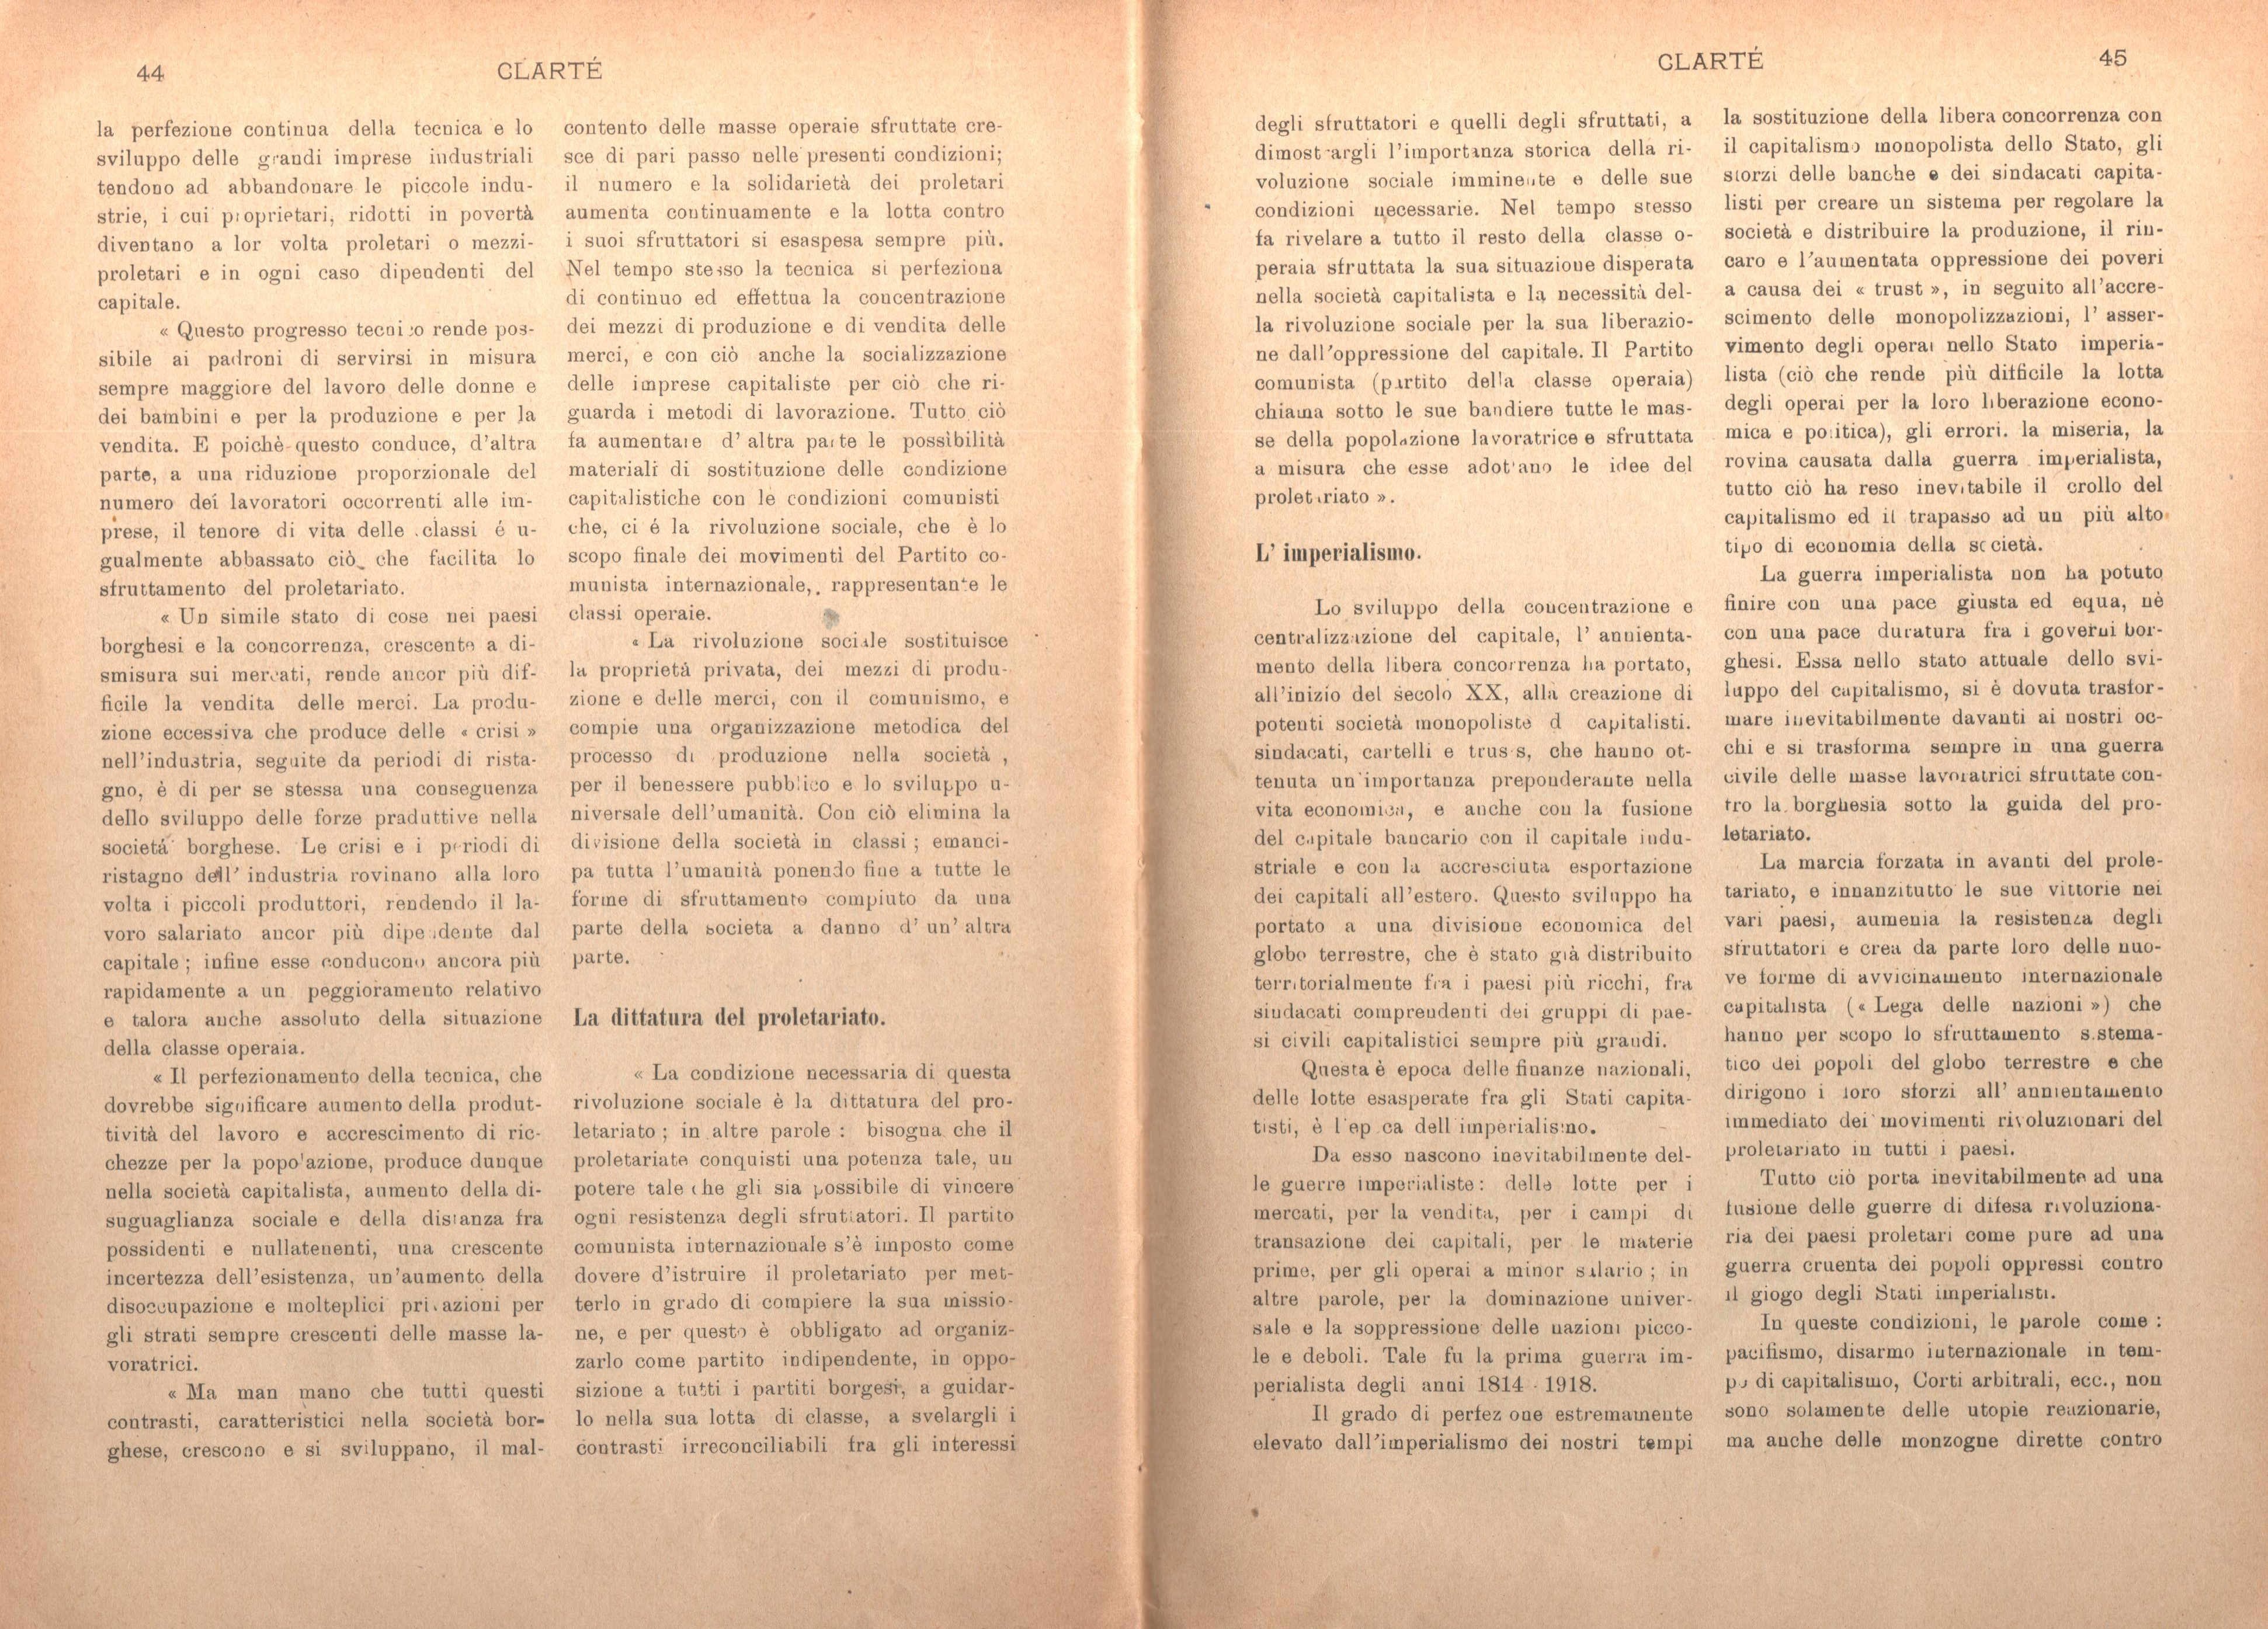 Clarté. Rivista mensile degli studenti comunisti (a. I, n. 2, Palermo, 15 giugno 1920) - pag. 12